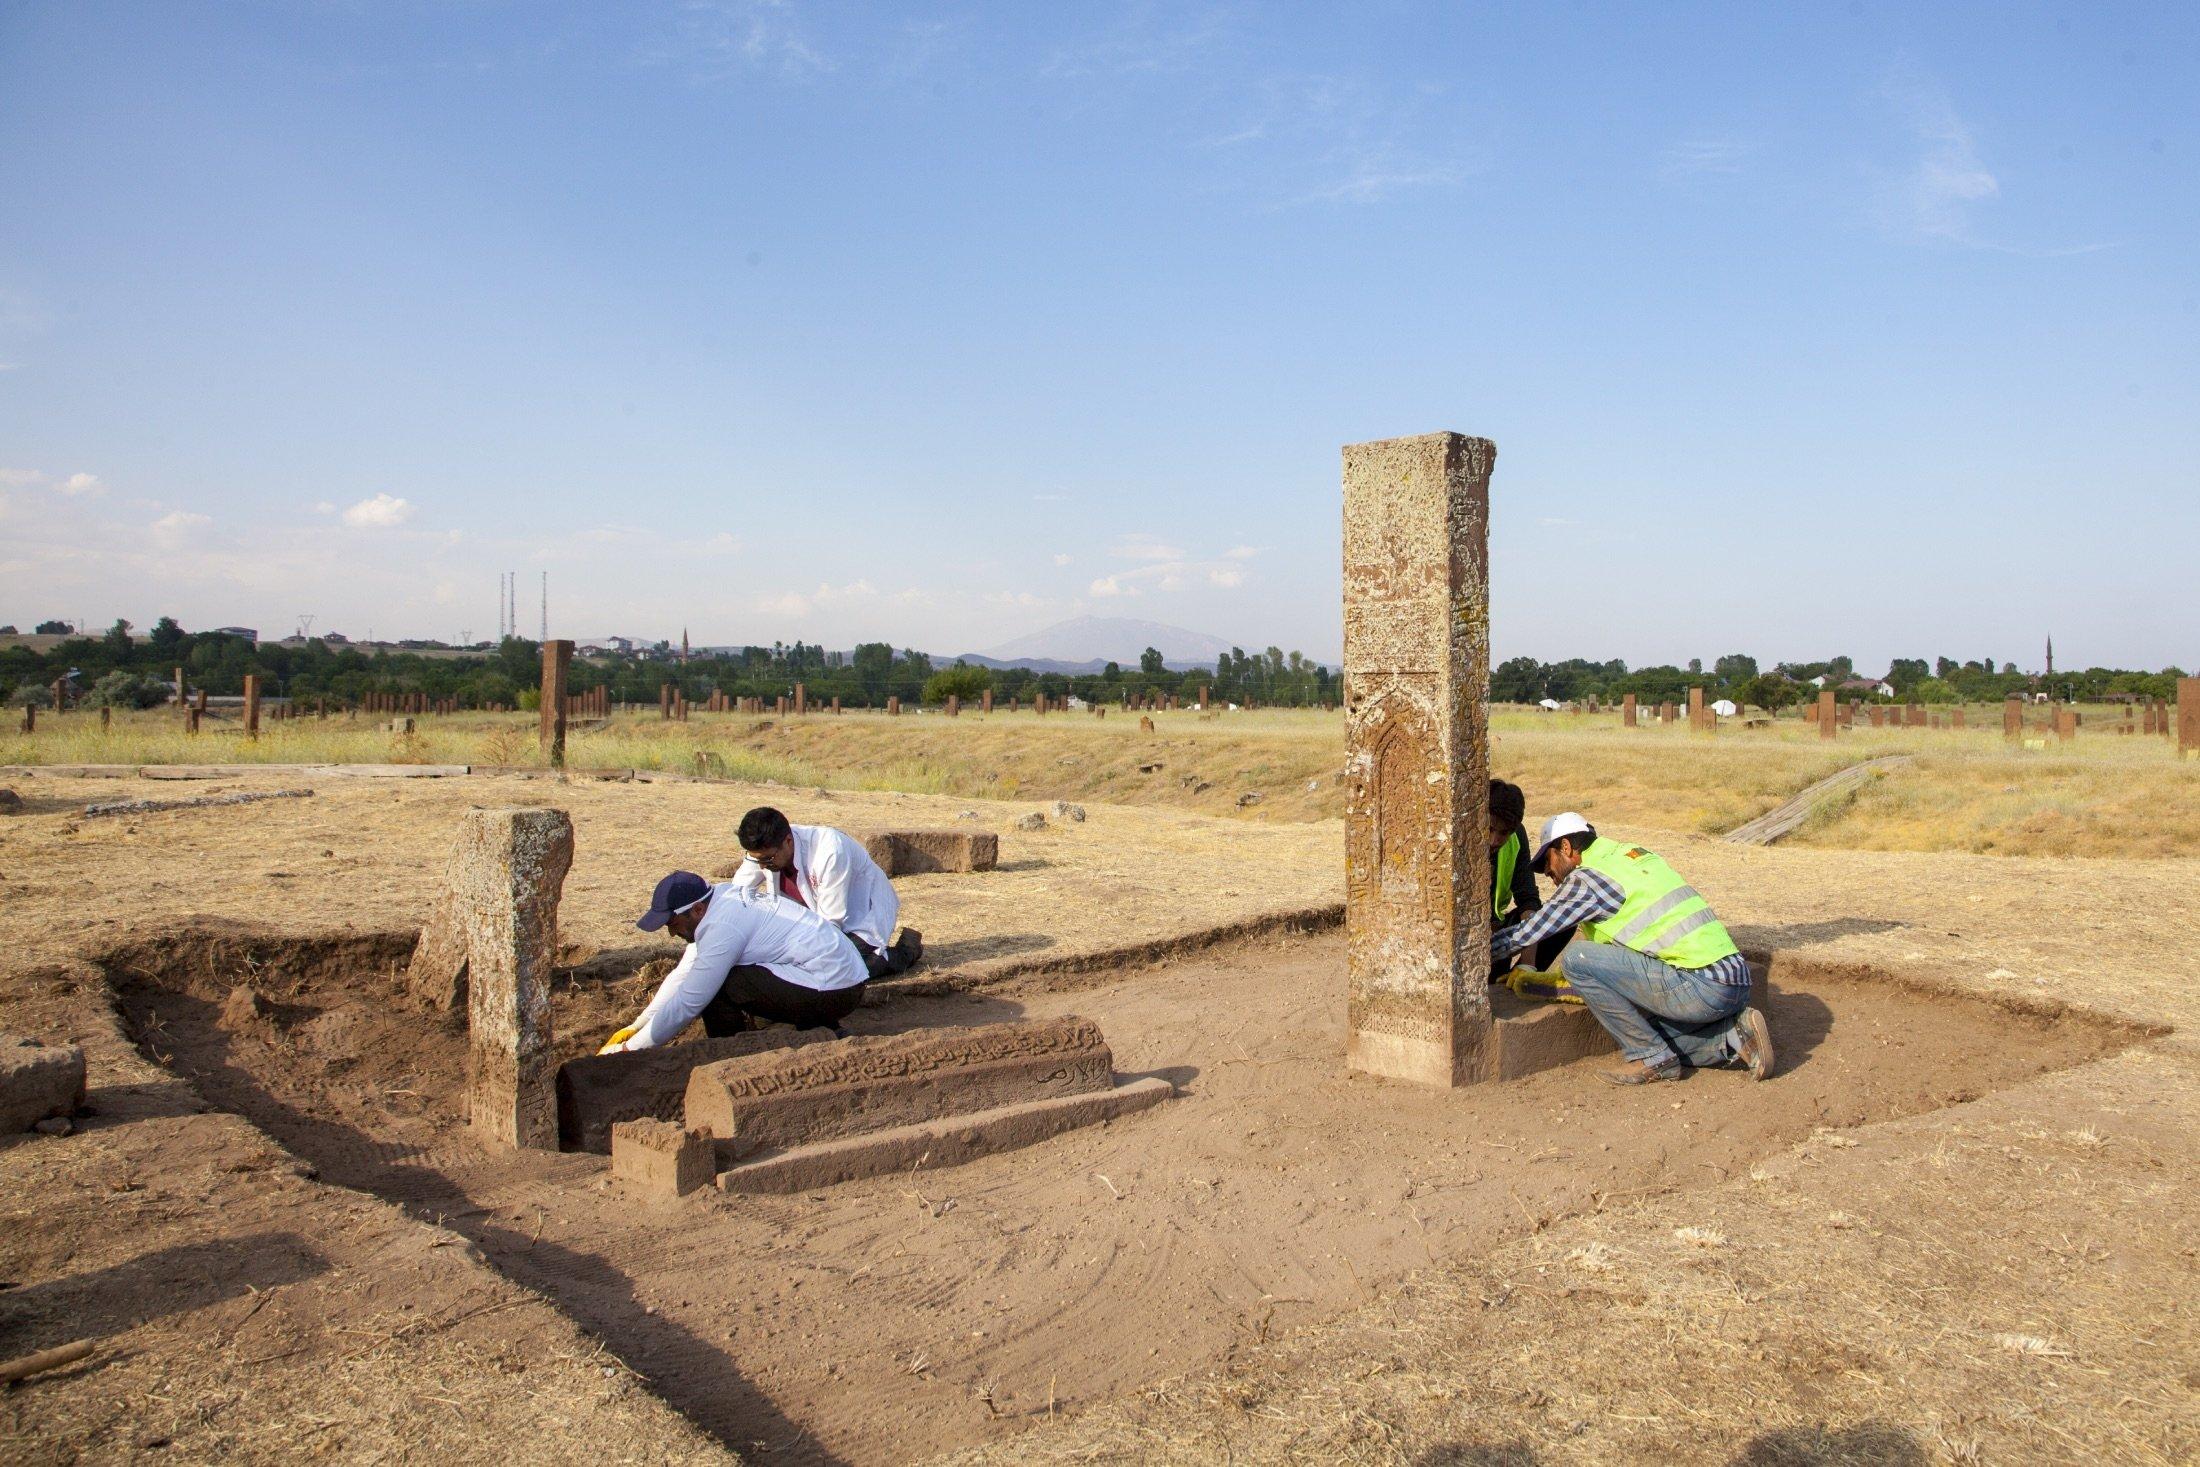 Kazı ekibi üyeleri, 13 Ağustos 2021'de Türkiye'nin Beatles ilçesindeki kimliği belirsiz Selçuklu mezarlarının bir tür geleneksel anıt mezarı olan Sandukas üzerinde arkeolojik çalışma yürütüyor.  (AA fotoğrafı)